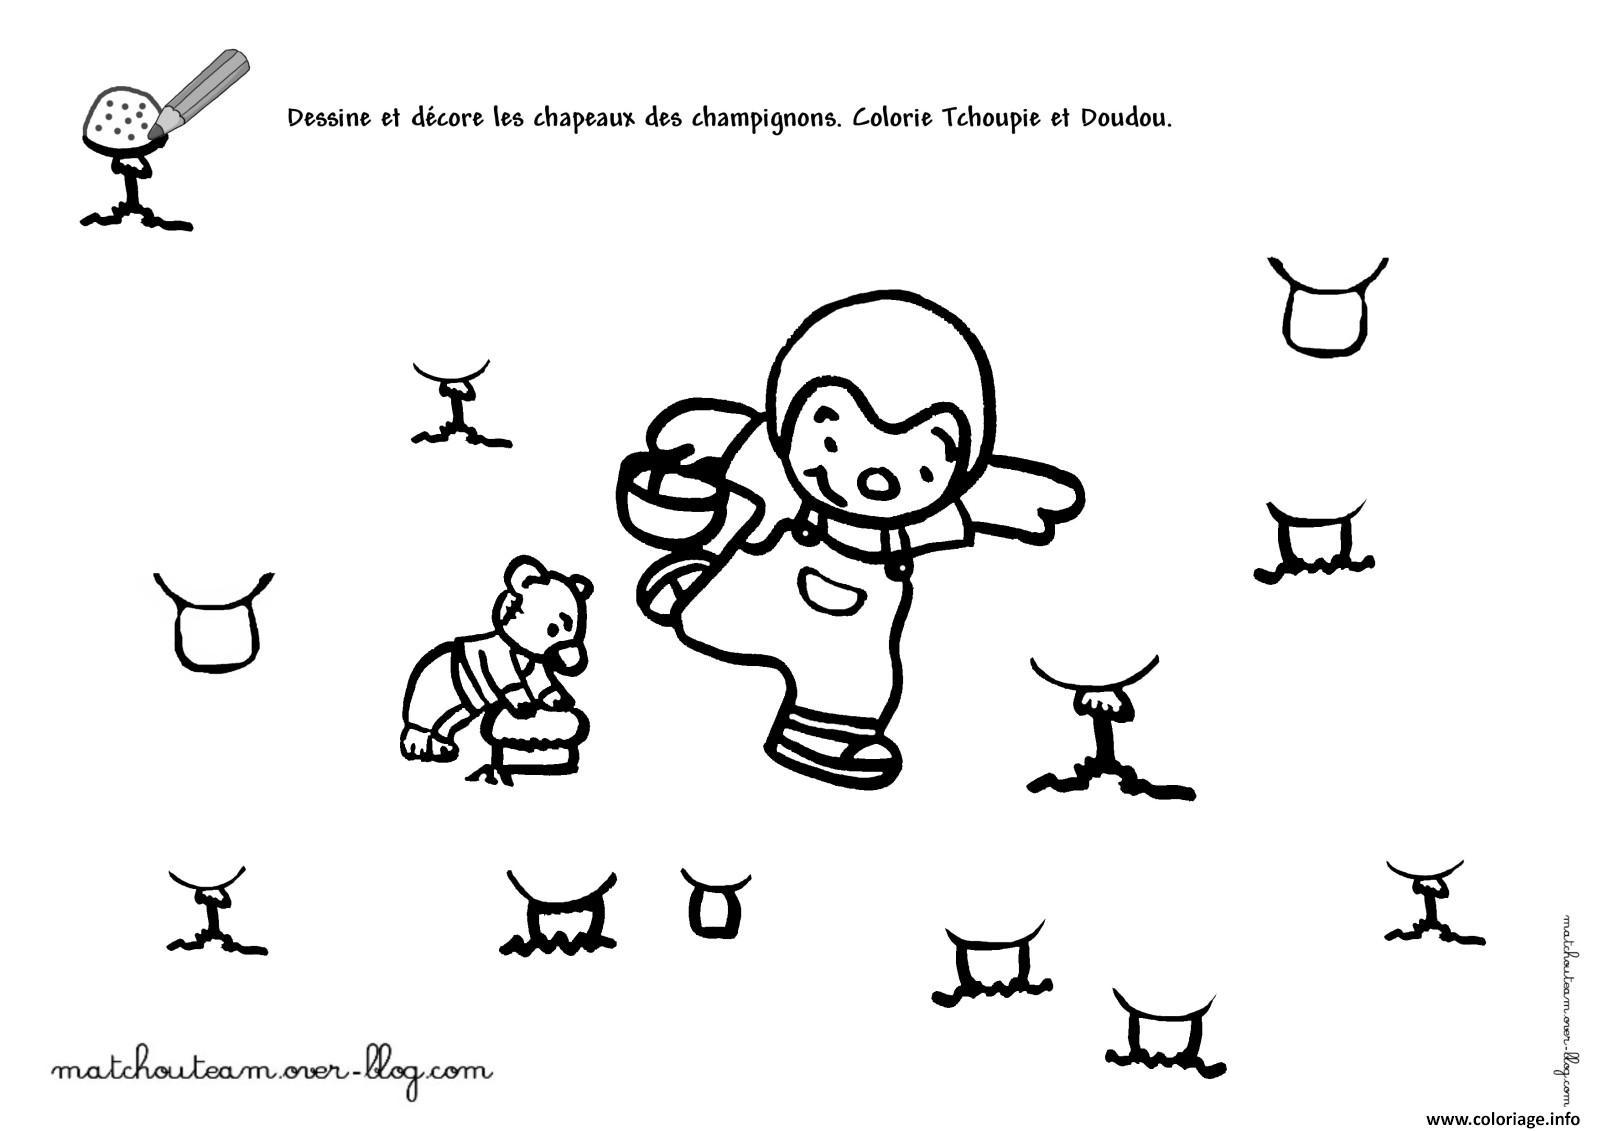 Coloriage Tchoupi 88 Dessin pour Coloriage De Tchoupi Et Doudou